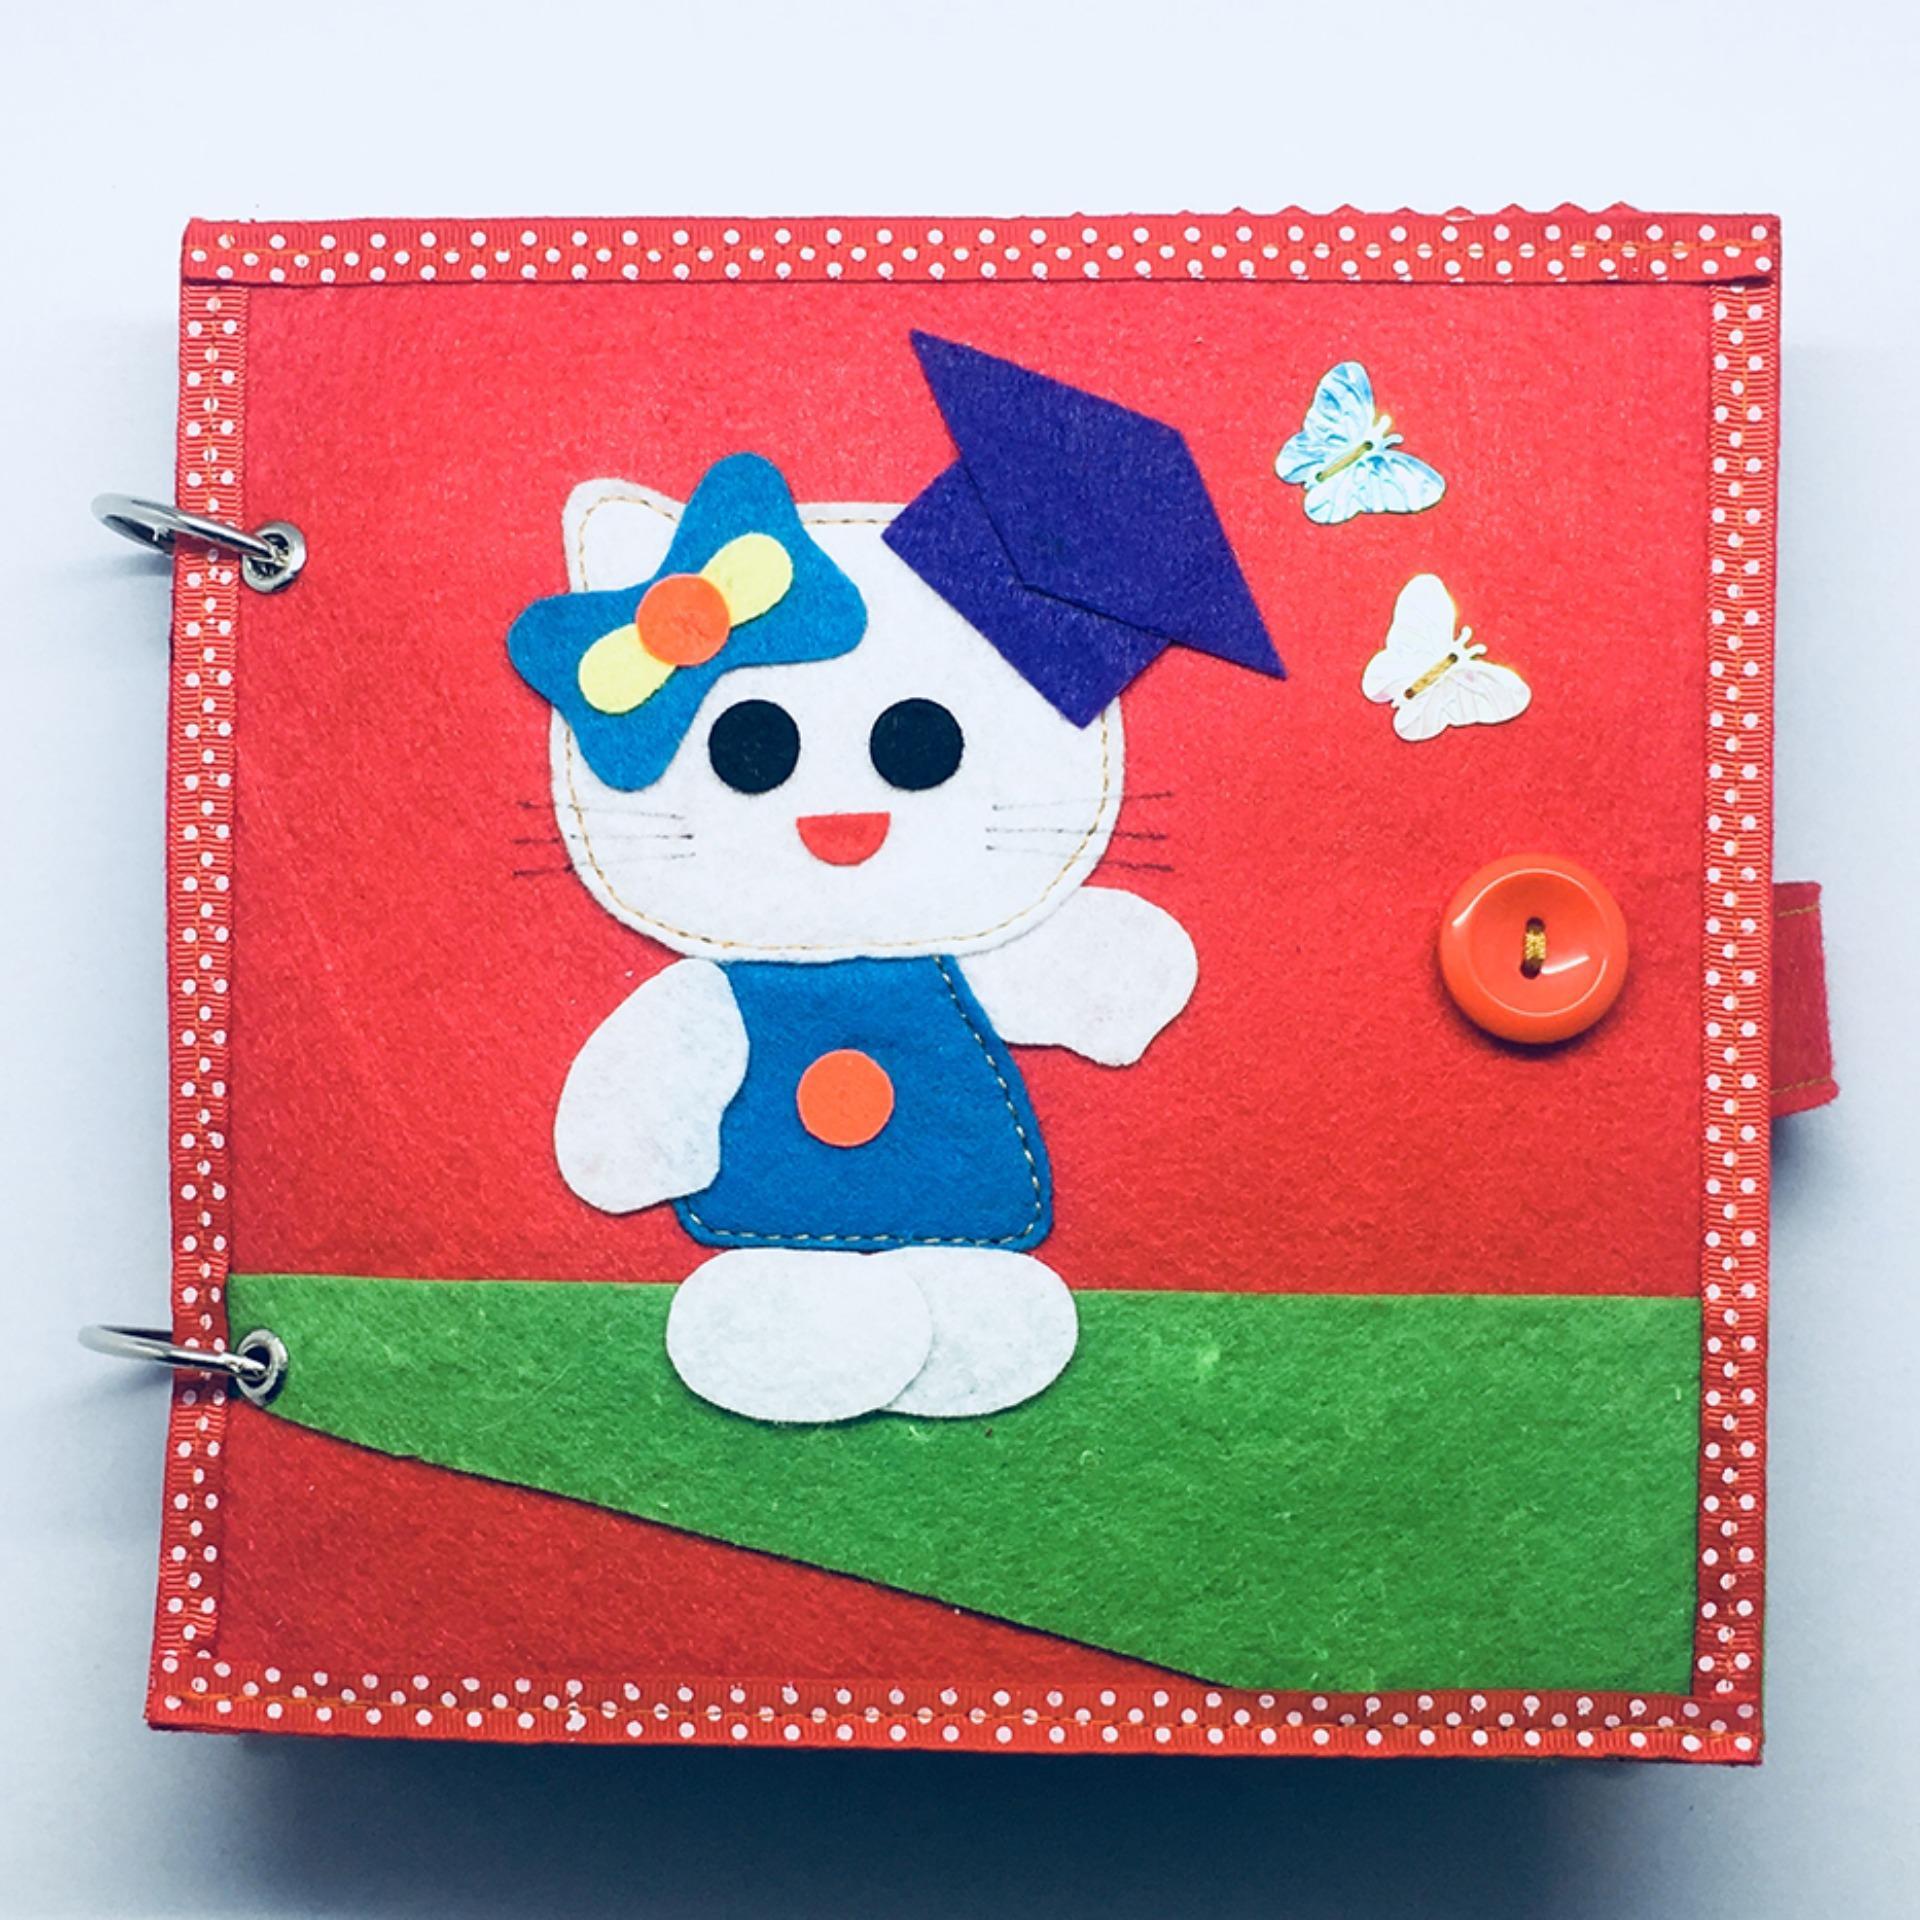 Hình ảnh Sách vải - Sách vải cho bé Mầm non (mẫu 07) - Sách vải PLC